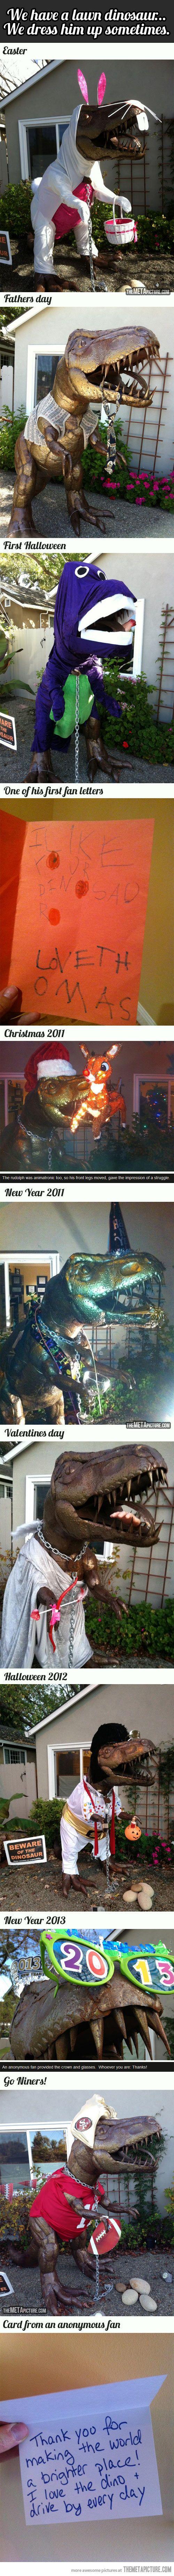 I wish I had a lawn dinosaur :)